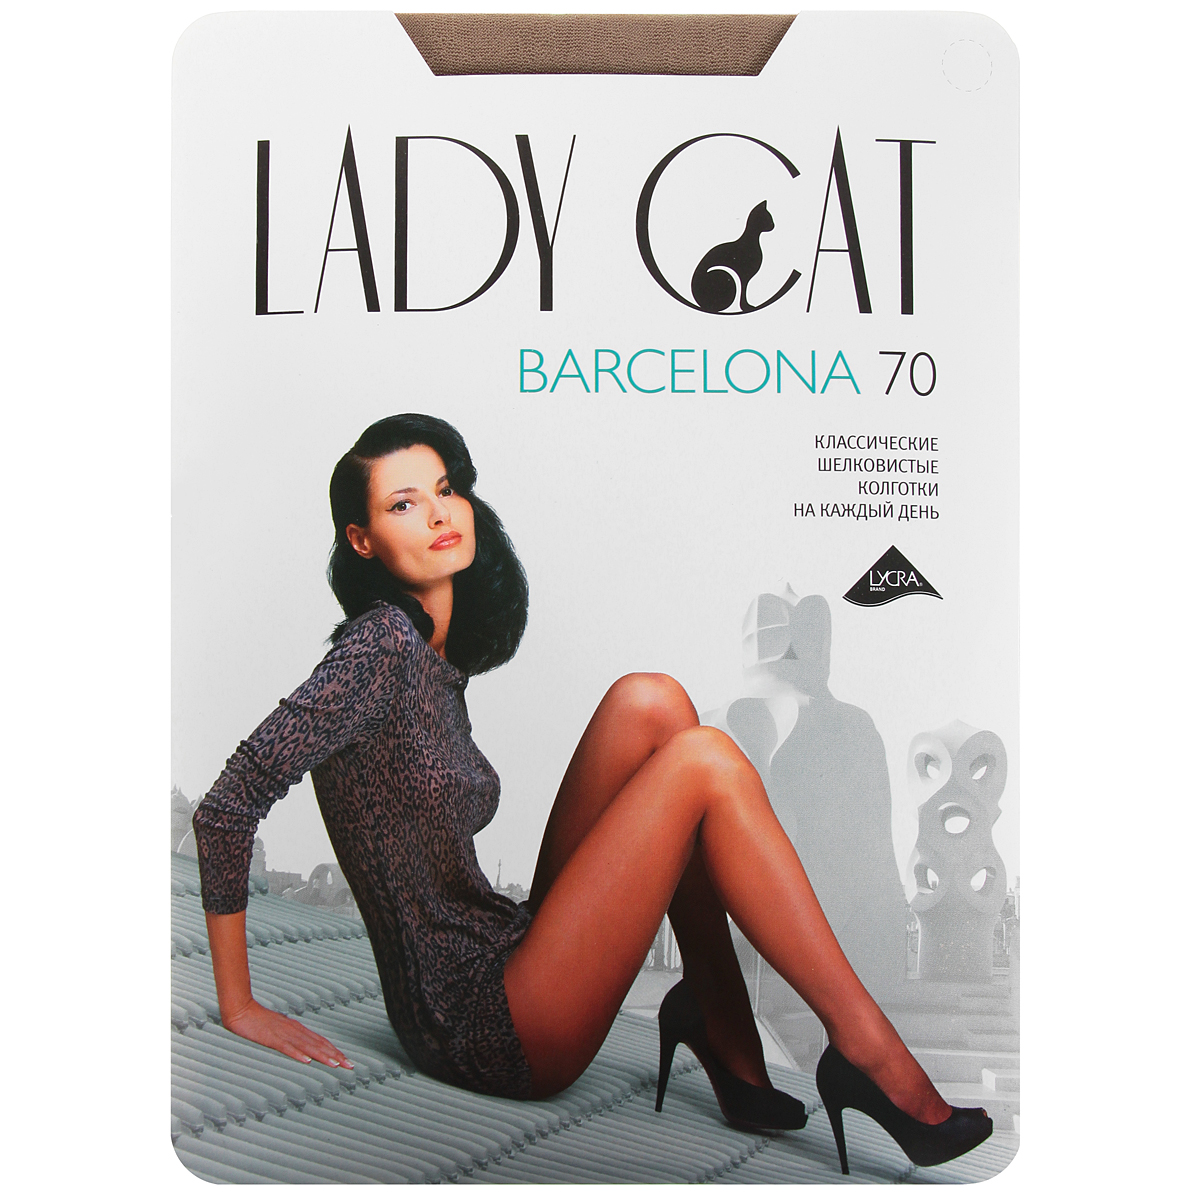 Колготки Грация Lady Cat Barcelona 70, цвет: загар. Размер 6 колготки грация lady cat new york 40 цвет телесный размер 6